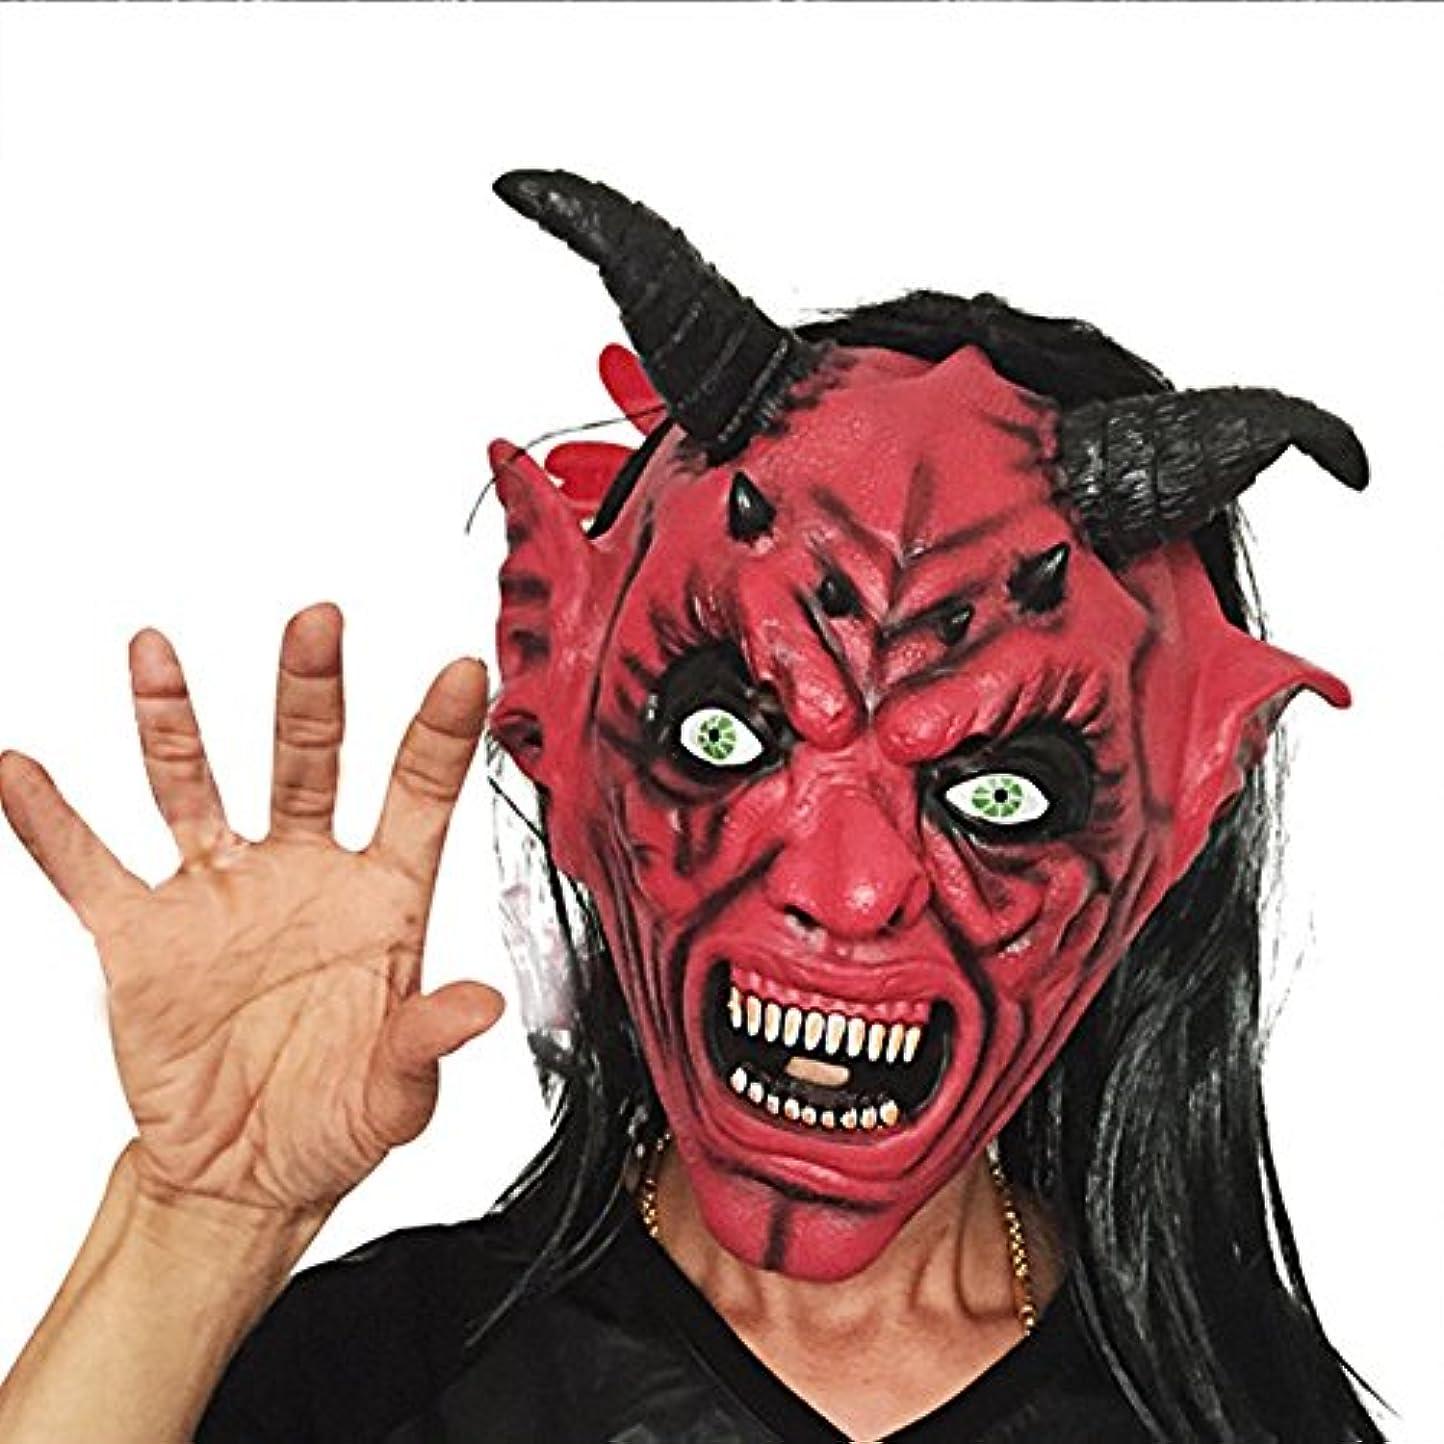 小川恋人ハチハロウィンロングヘアレッドフェイスホーンマスクカーニバルバー怖い悪魔怖いセットレッドフェイスブラックマスク